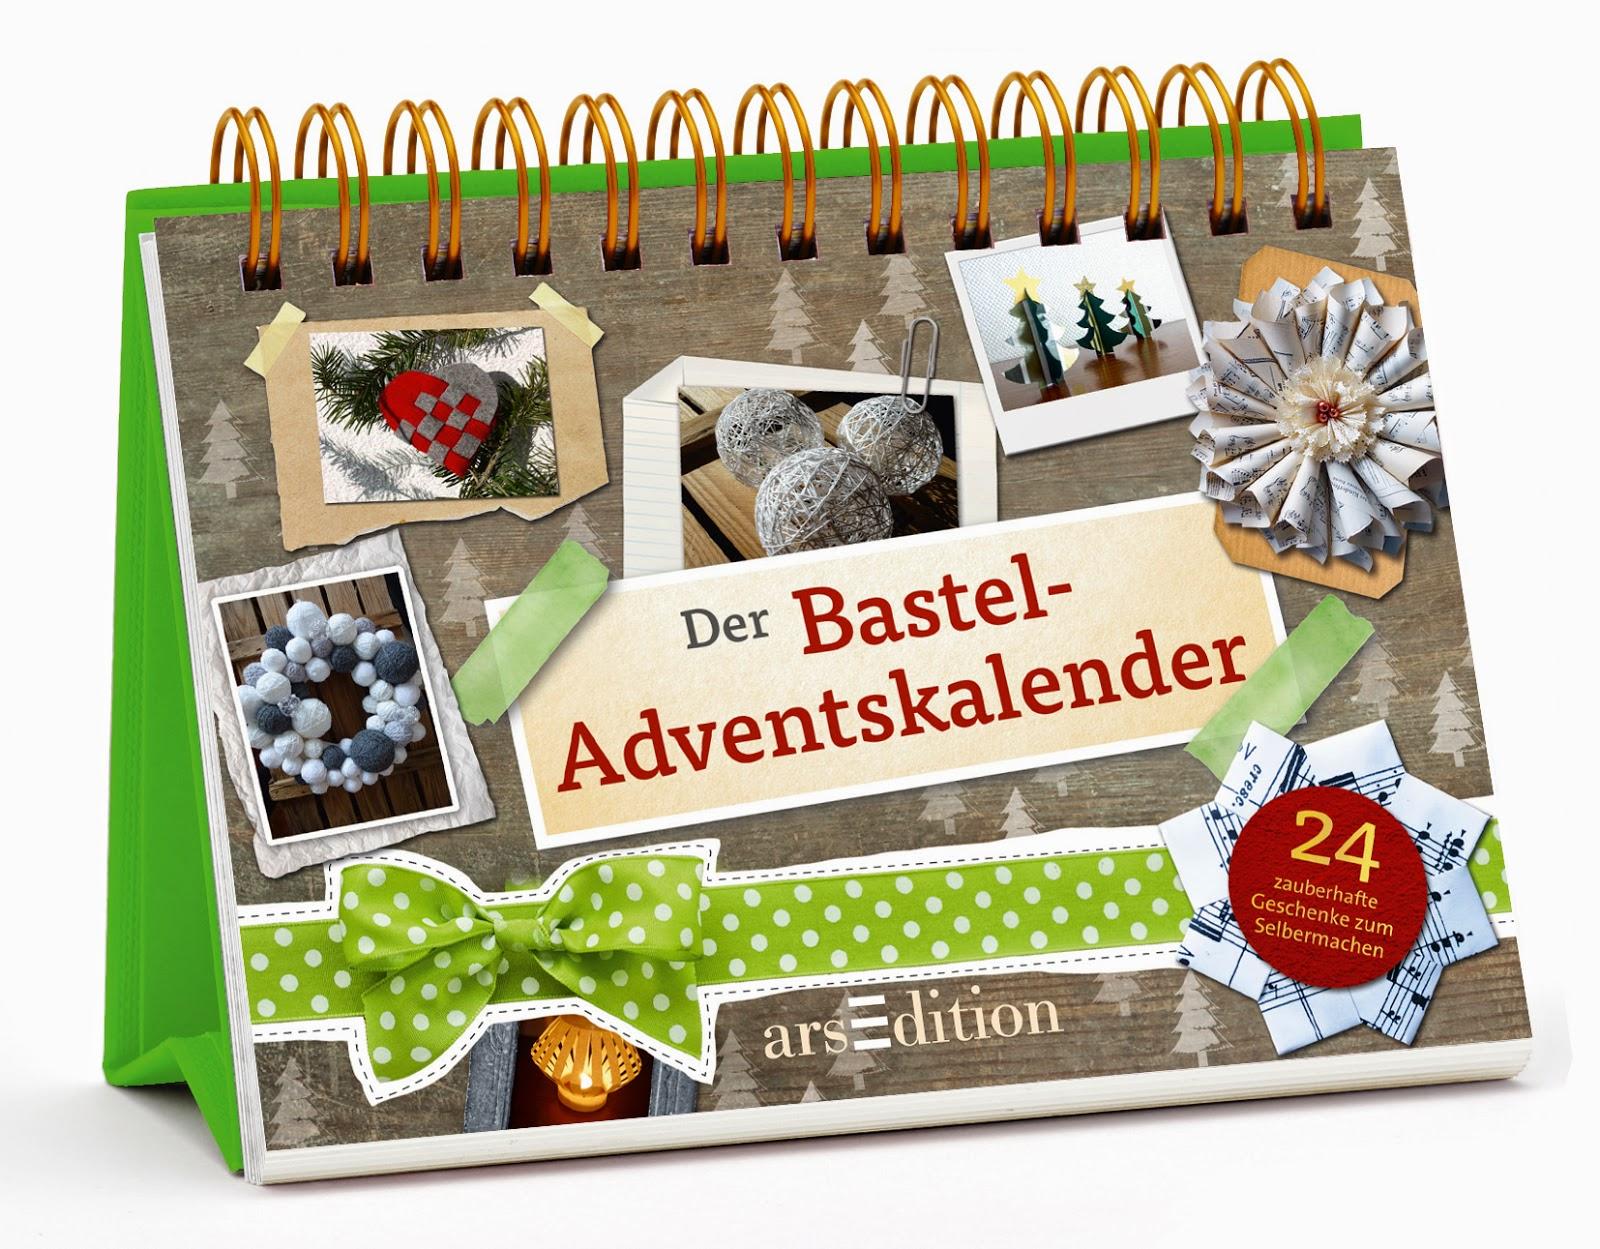 """Astounding Weihnachtsgeschenke Zum Selbermachen Dekoration Von Selbstgemachtes Thema """"advent Und Weihnachten"""" Finden Sich"""